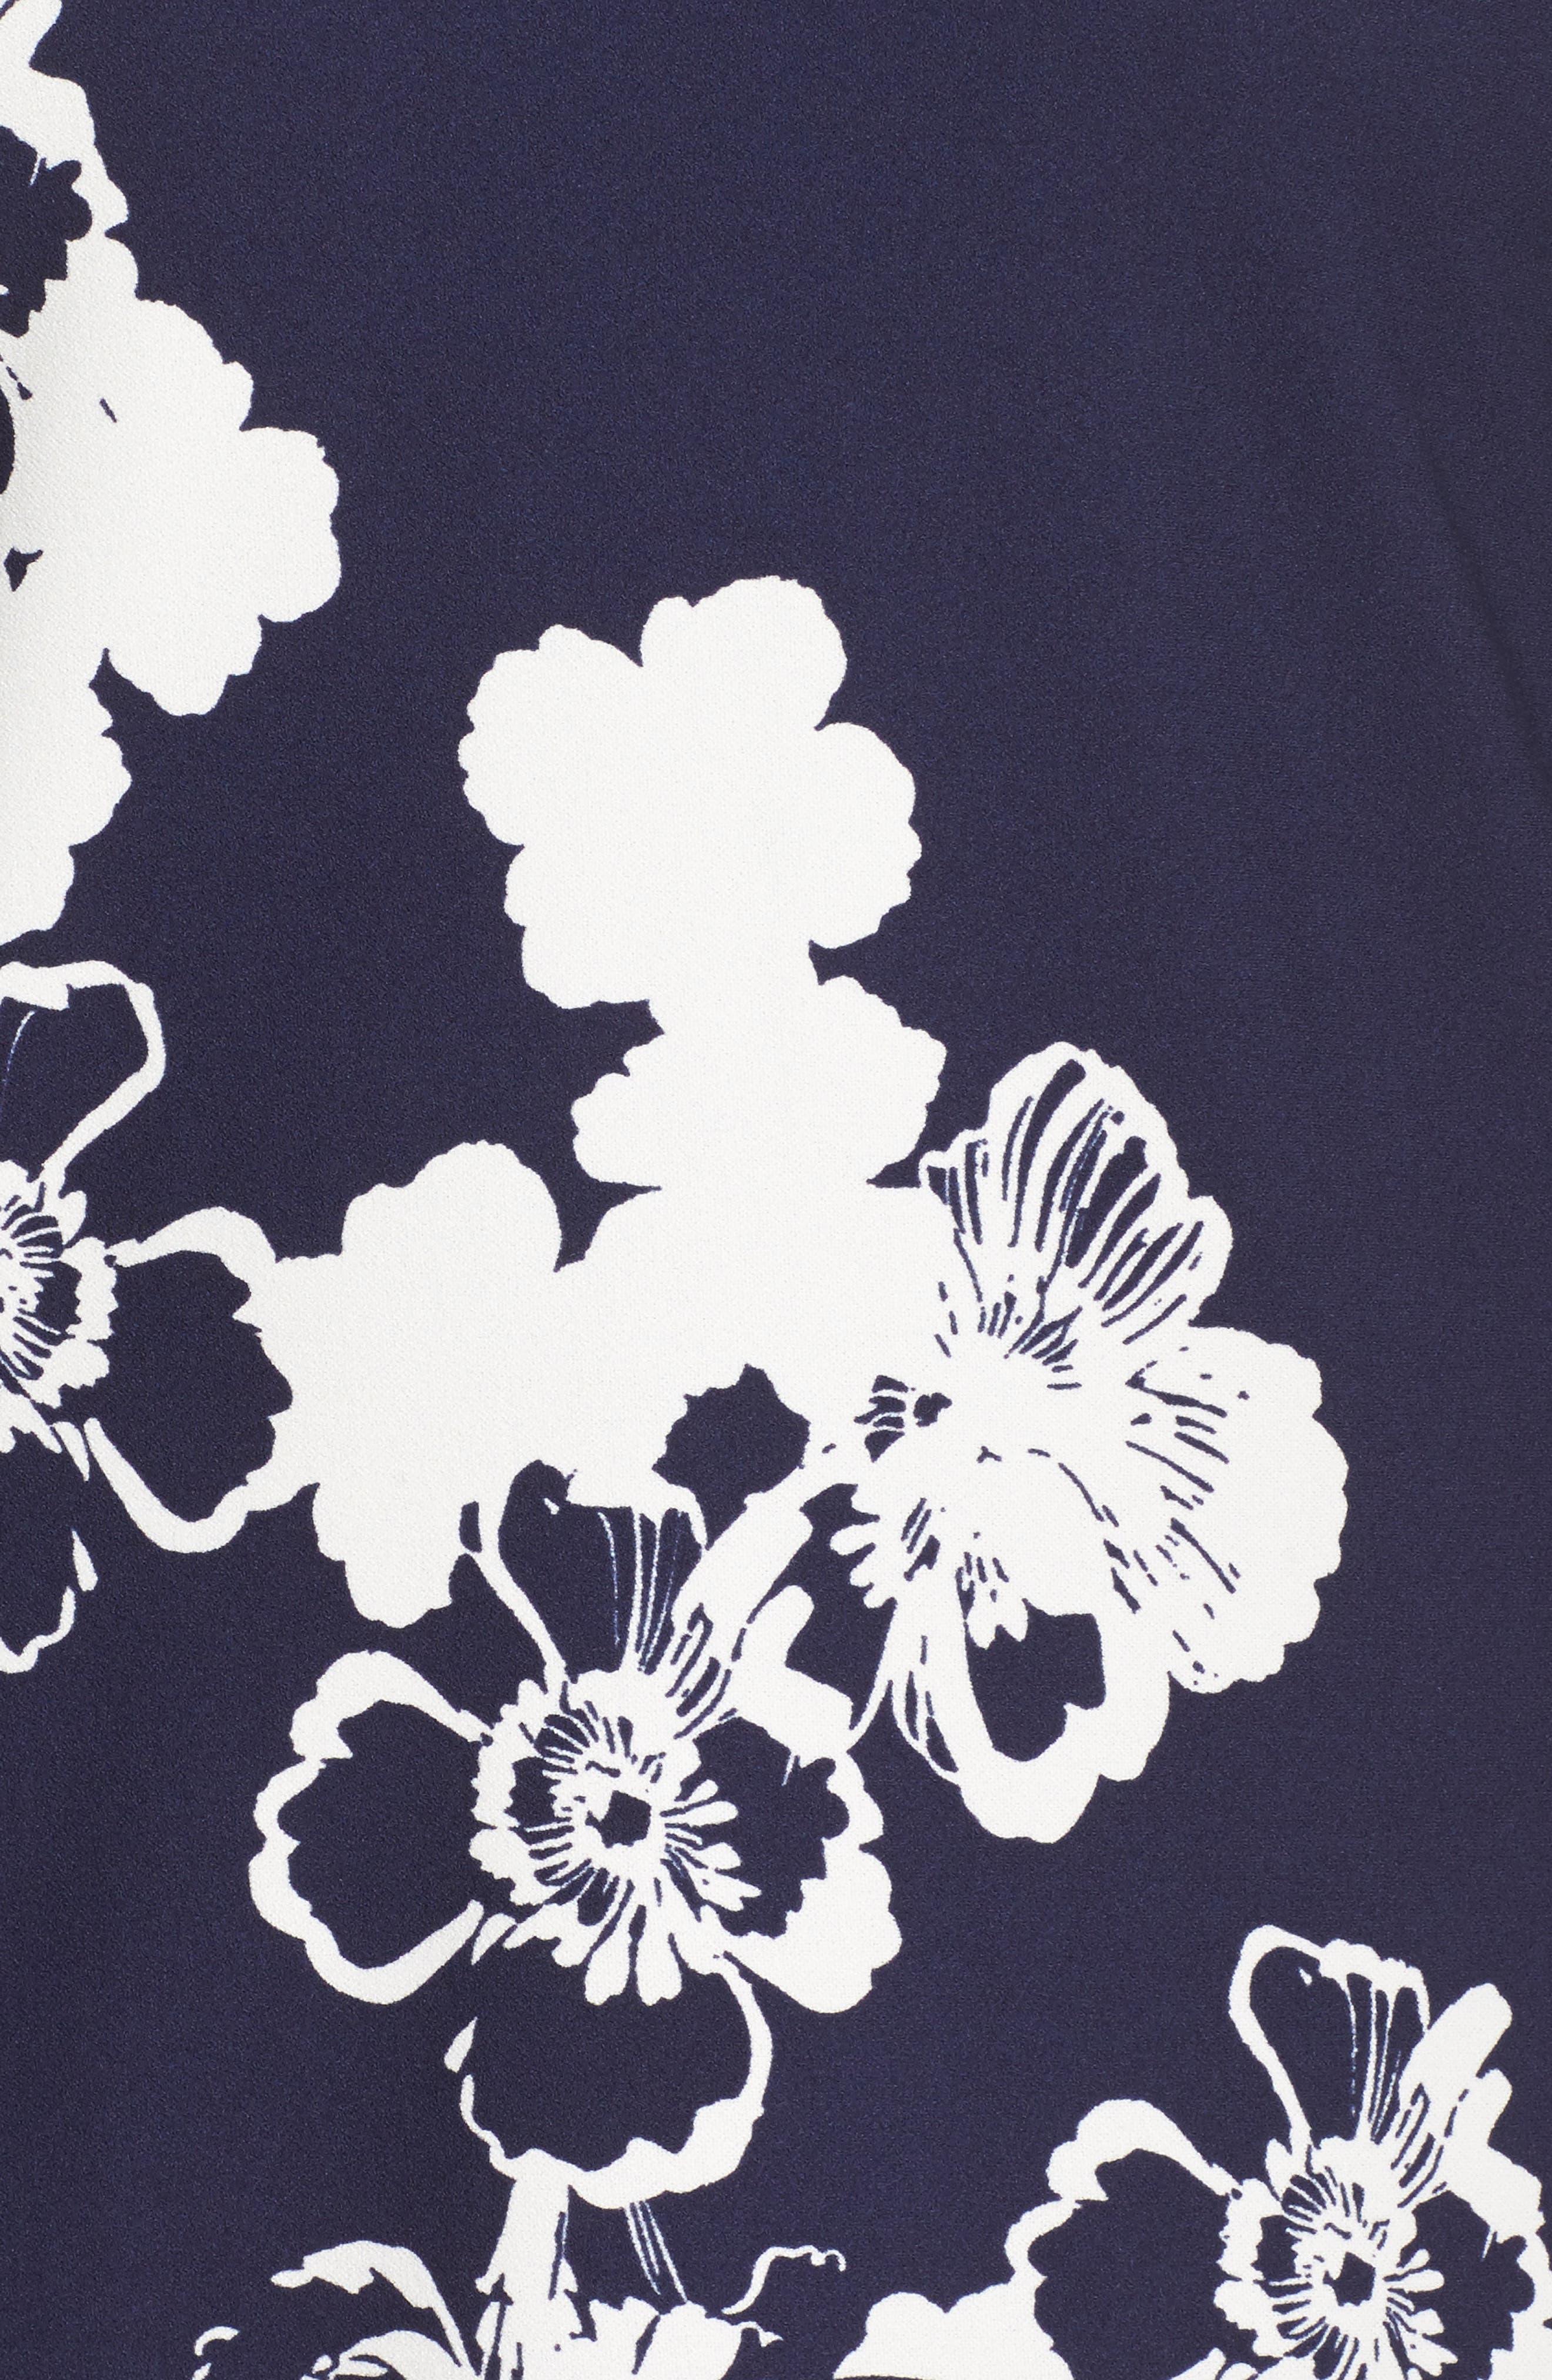 Cold Shoulder Floral Shift Dress,                             Alternate thumbnail 5, color,